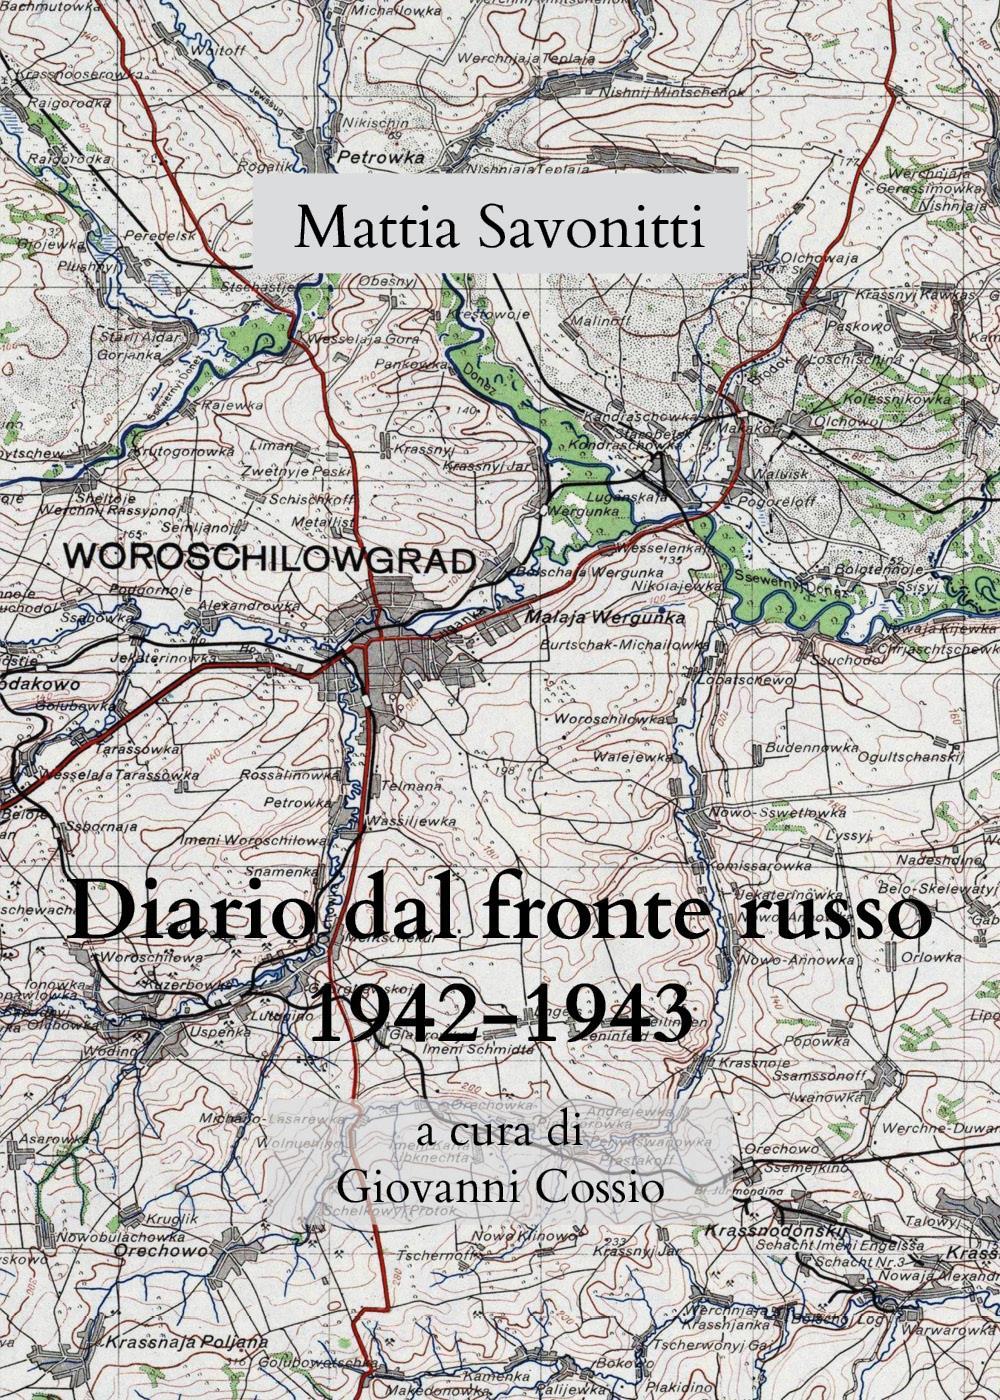 Diario di Mattia Savonitti dal fronte russo (1942-43)